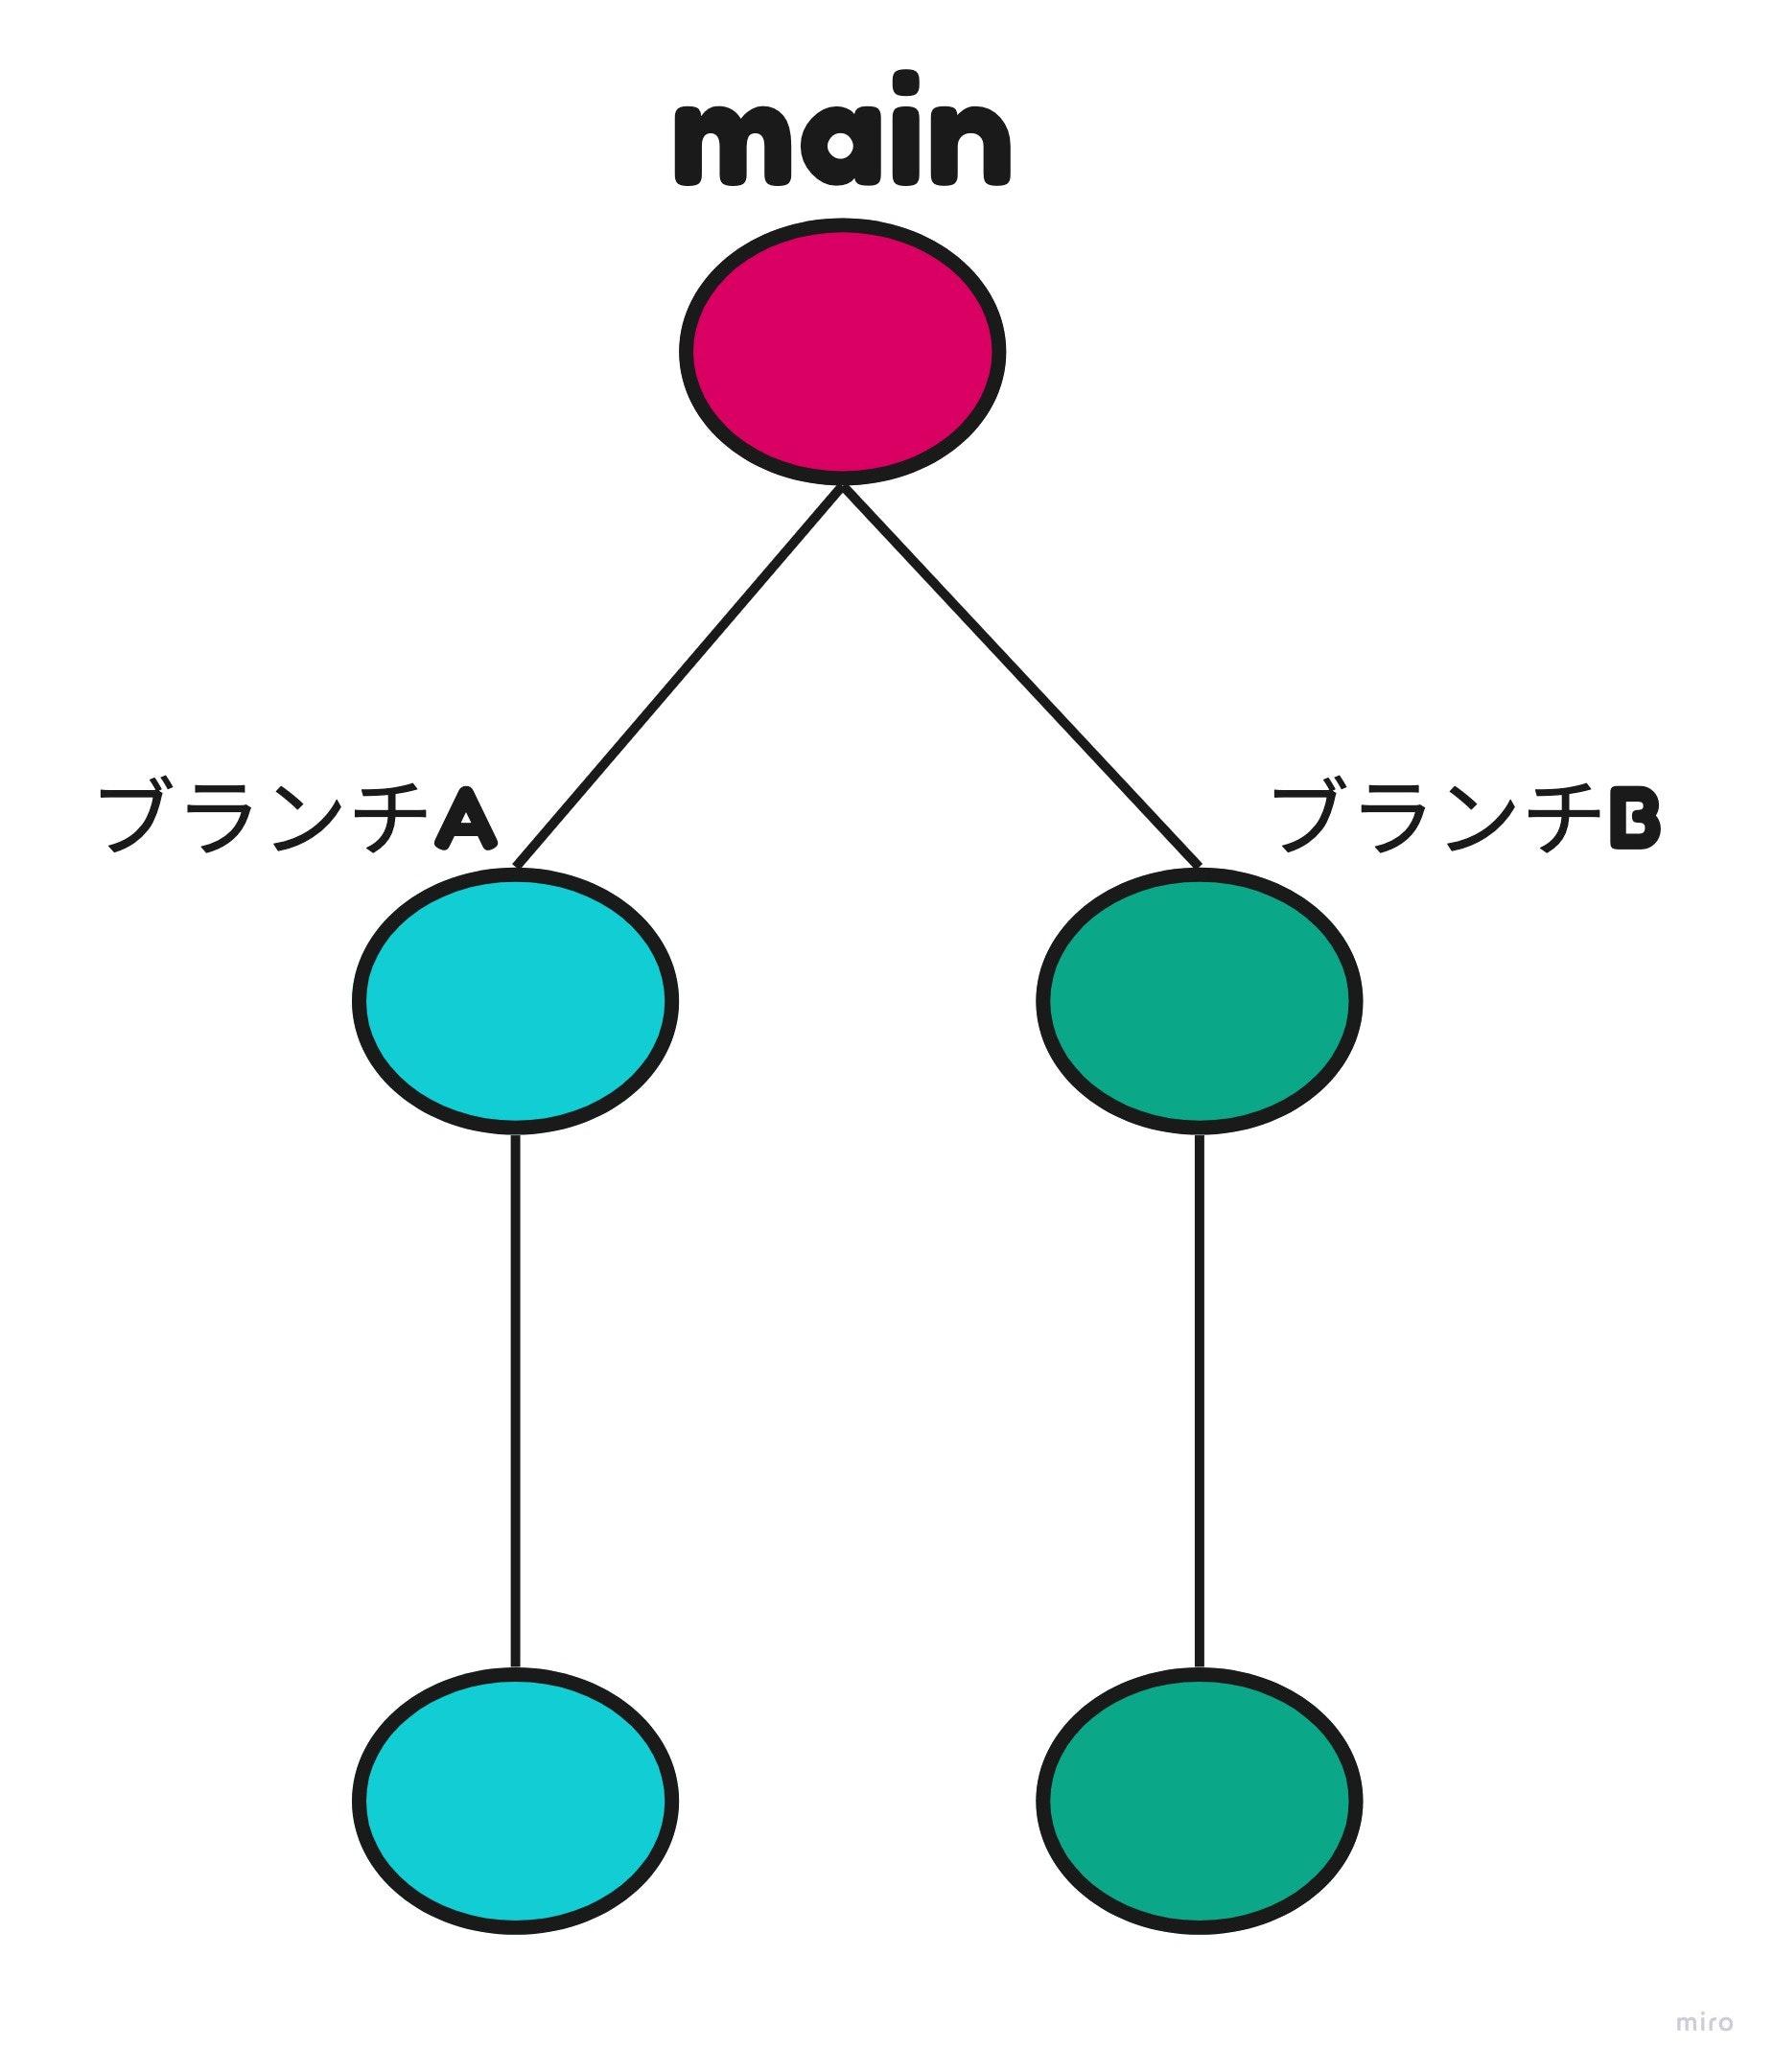 自由 - Frame 2 (1).jpg